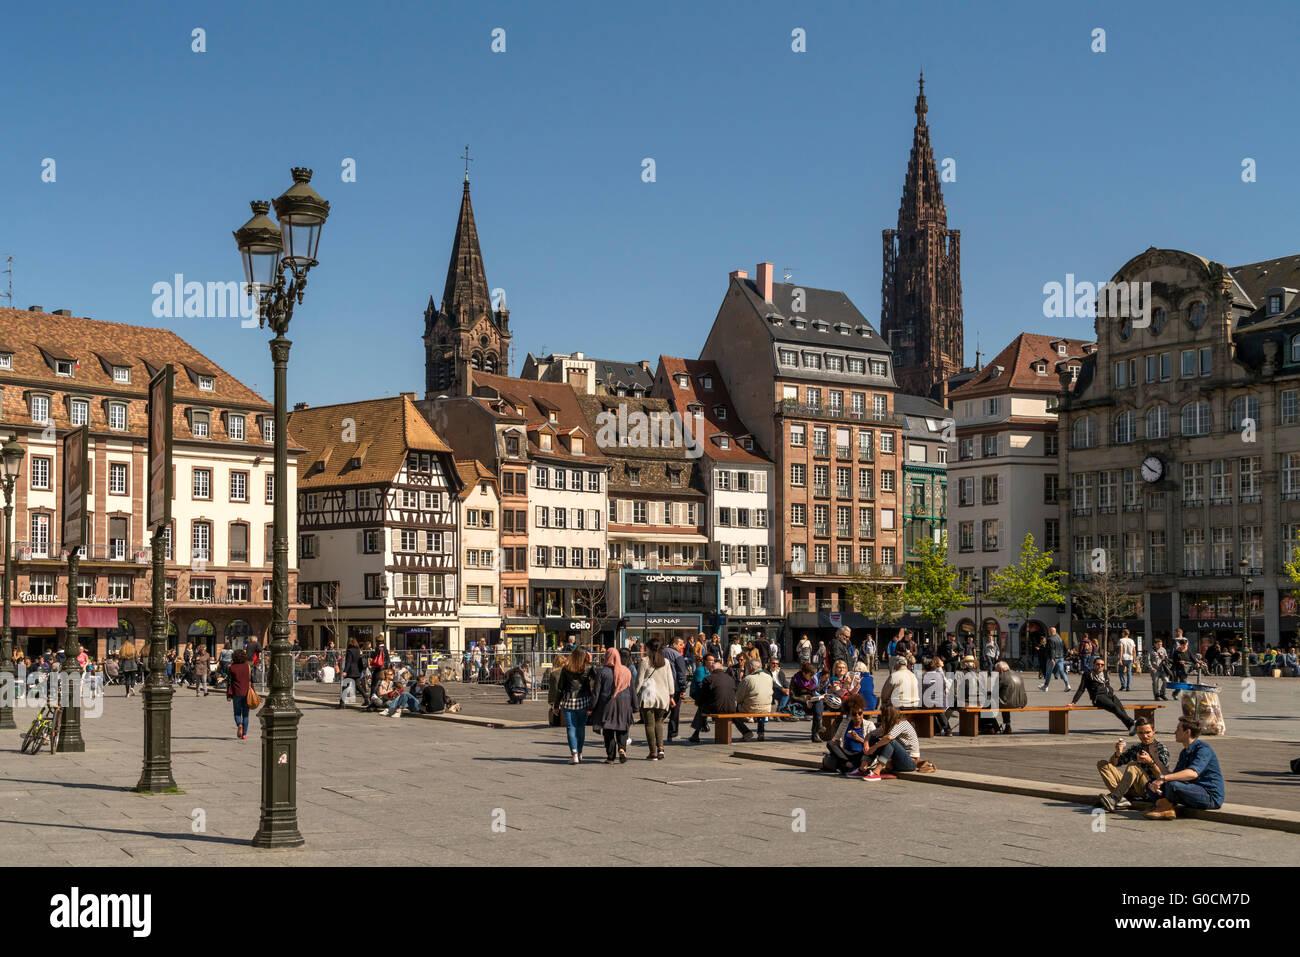 kleber place alsace square strasbourg france central alamy